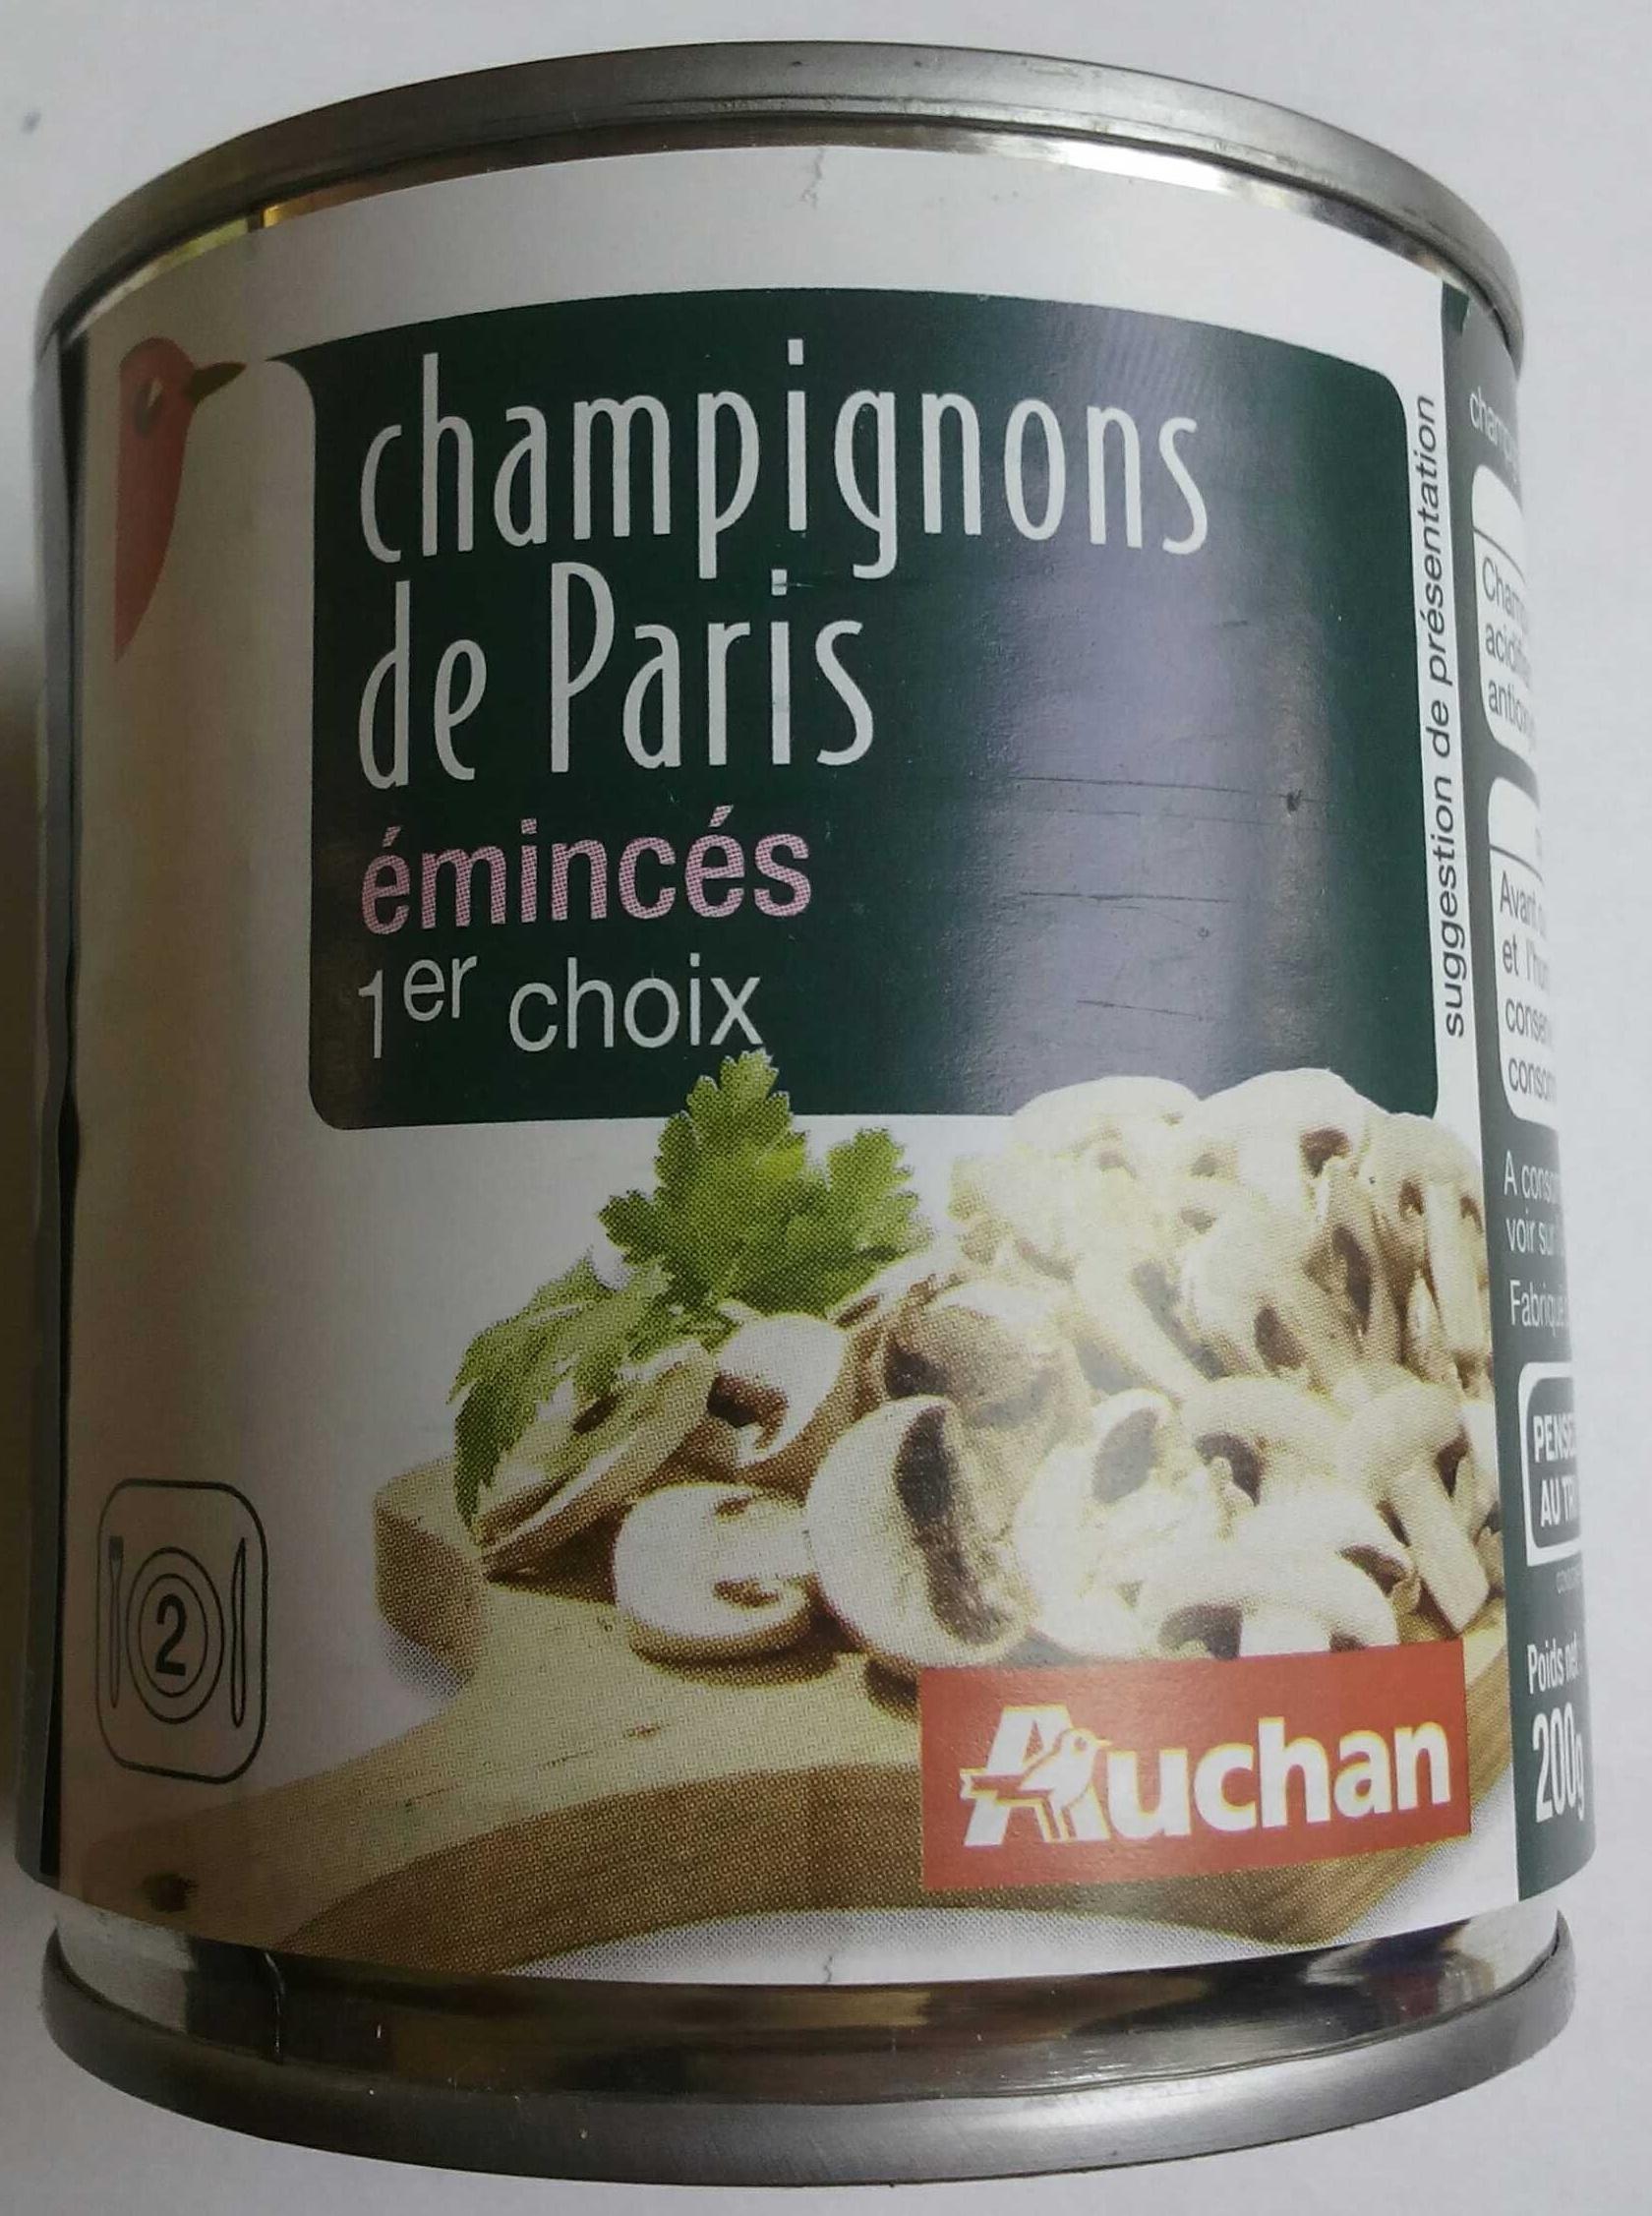 Champignons de Paris émincés 1er choix - Product - fr